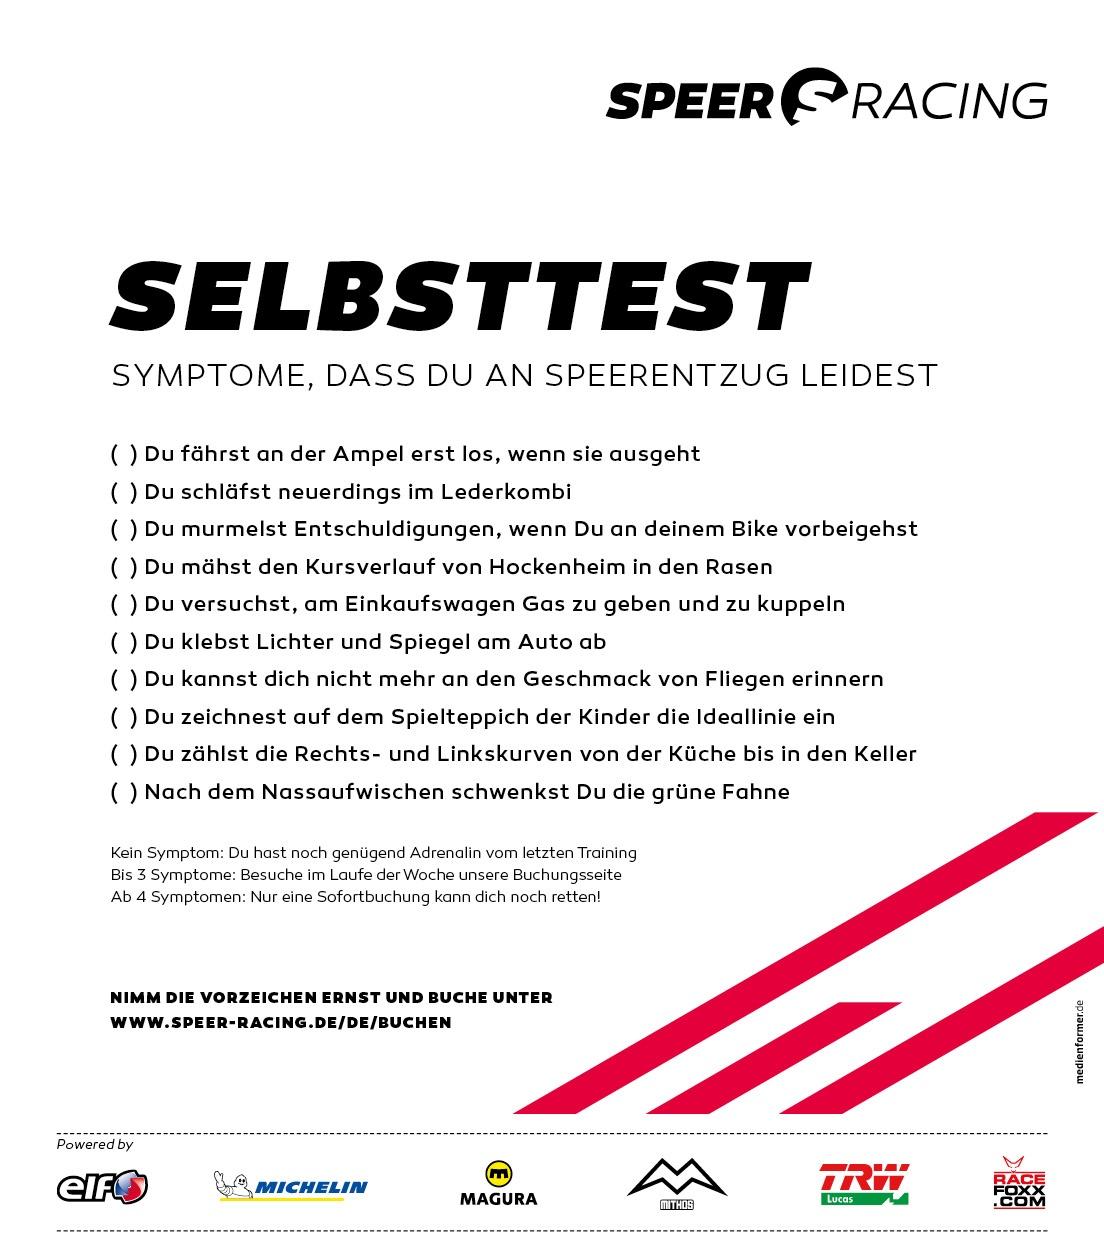 Speer Racing Selbststest